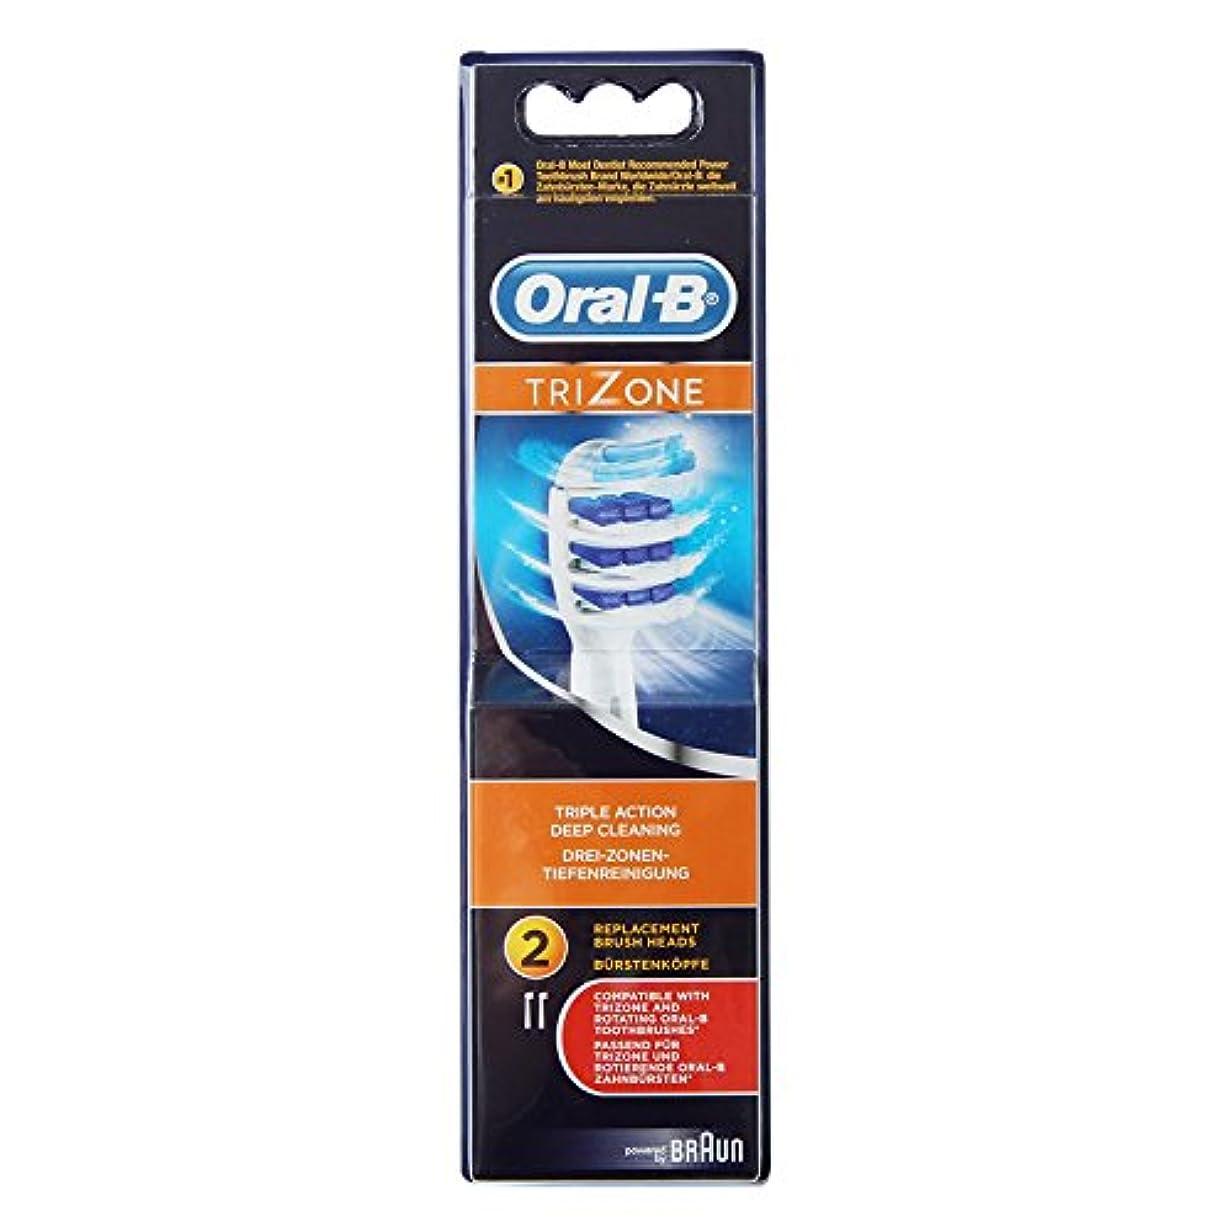 無数のパイル工業用Braun Oral-B EB30-2 TriZone 交換式充電式歯ブラシヘッド 1Pack [並行輸入品]